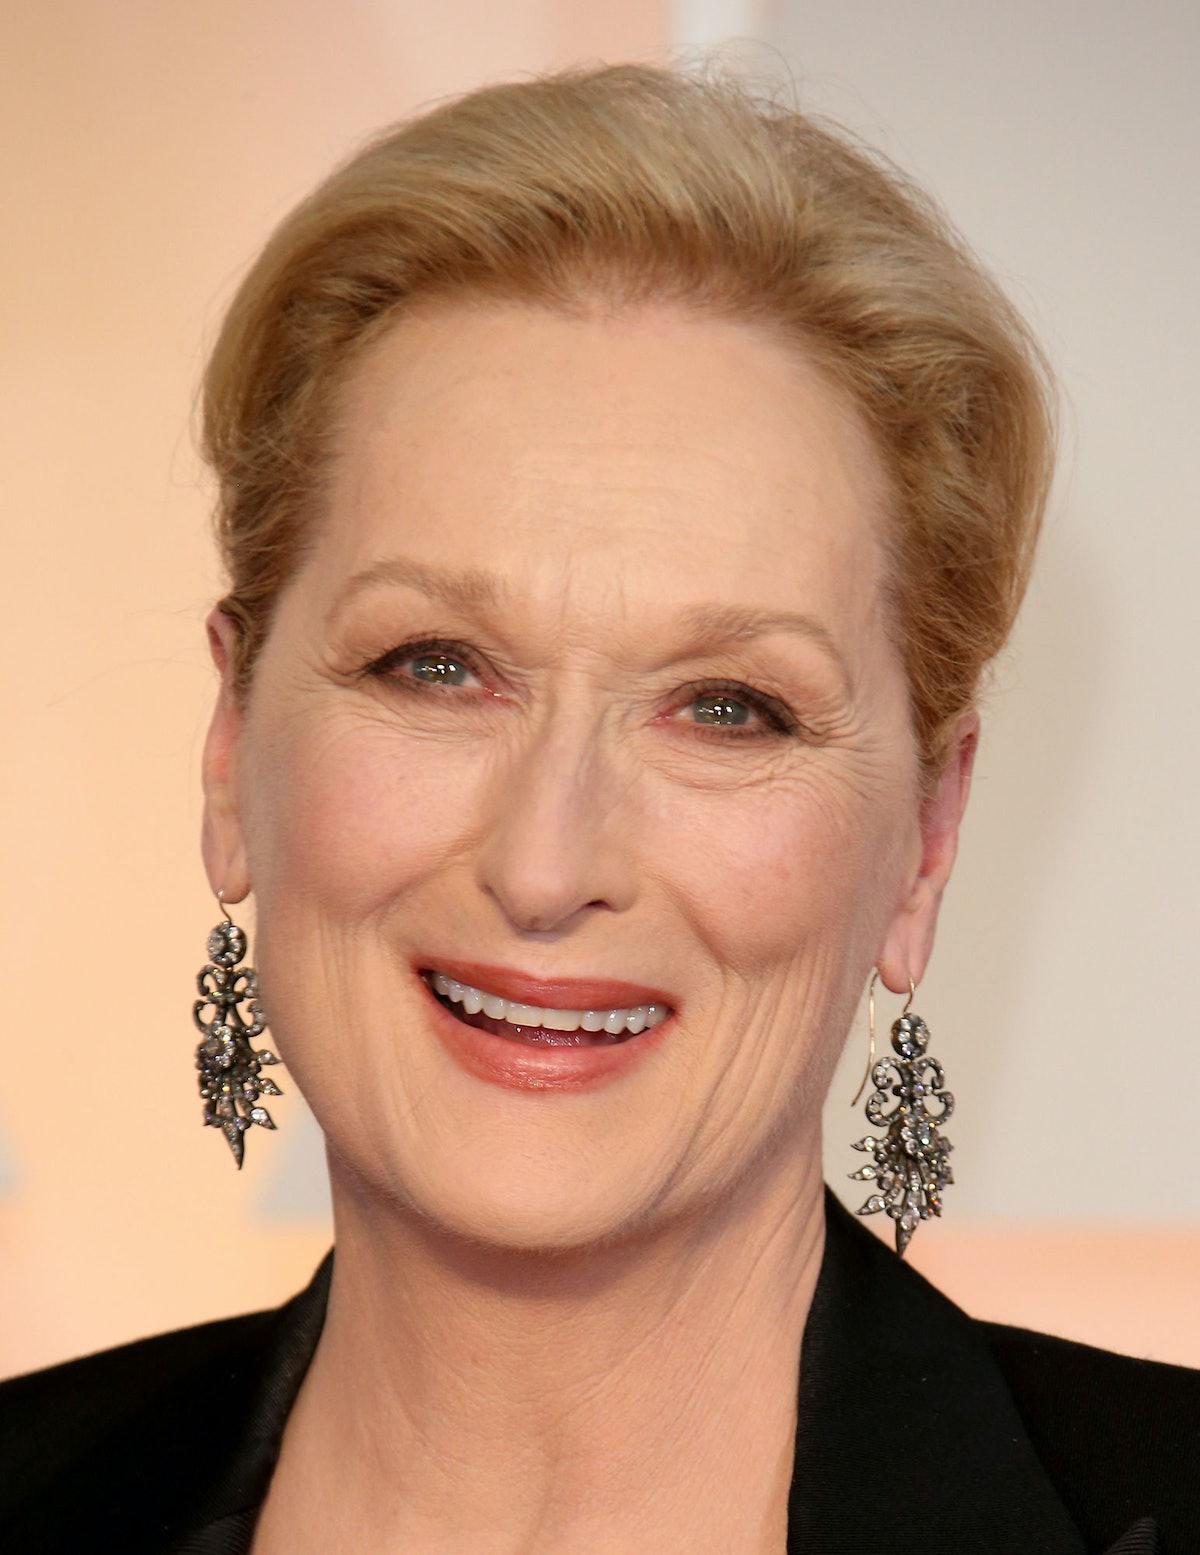 Meryl Streep in Fred Leighton earrings